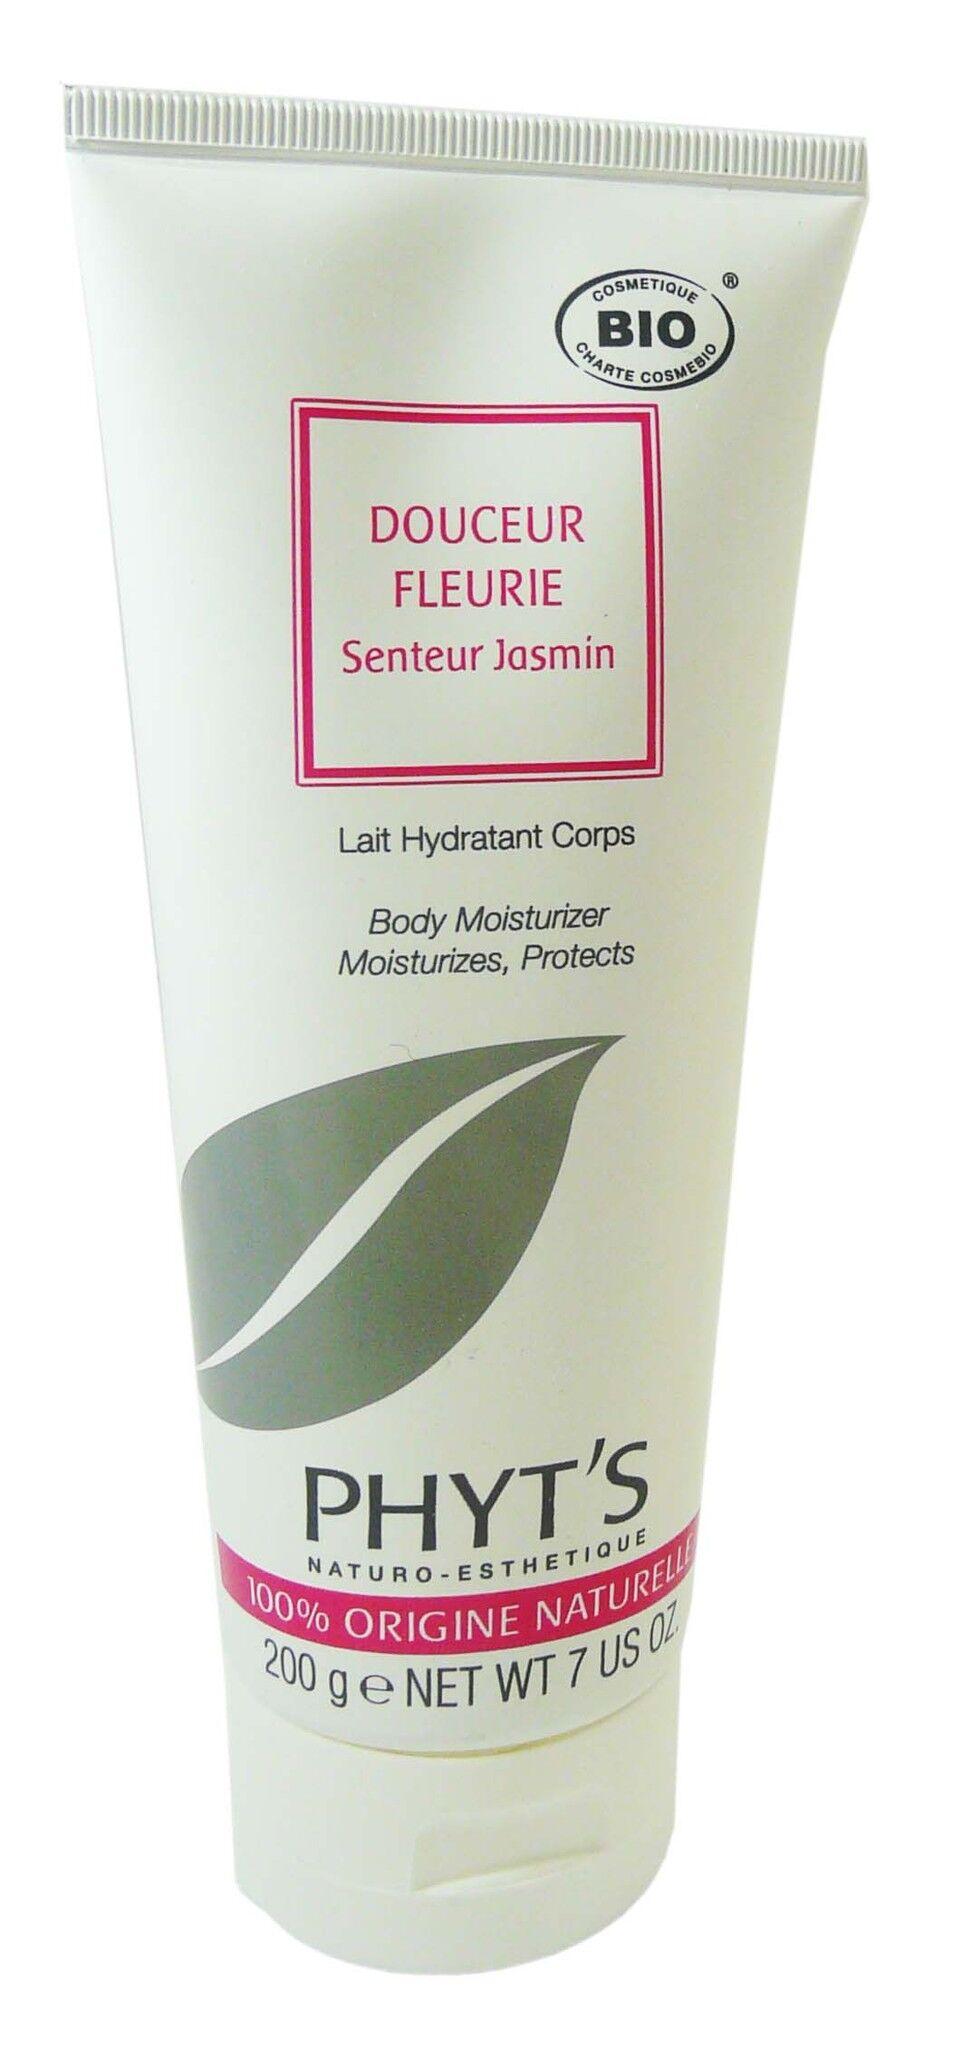 Phyt's lait hydratant douceur fleurie 200g